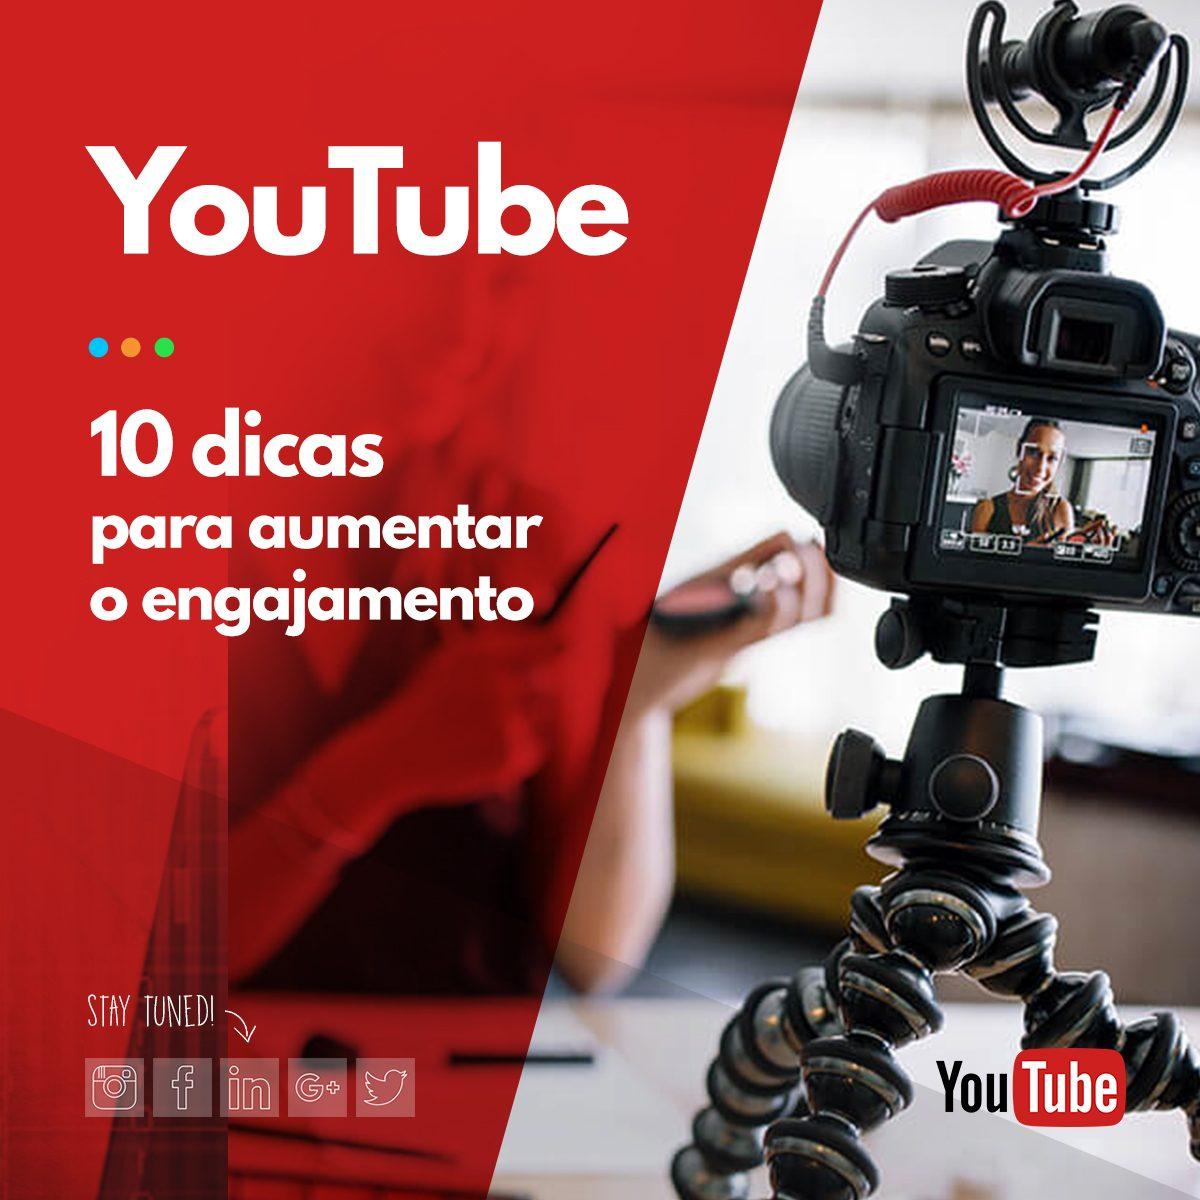 10 dicas para aumentar o engajamento no youtube